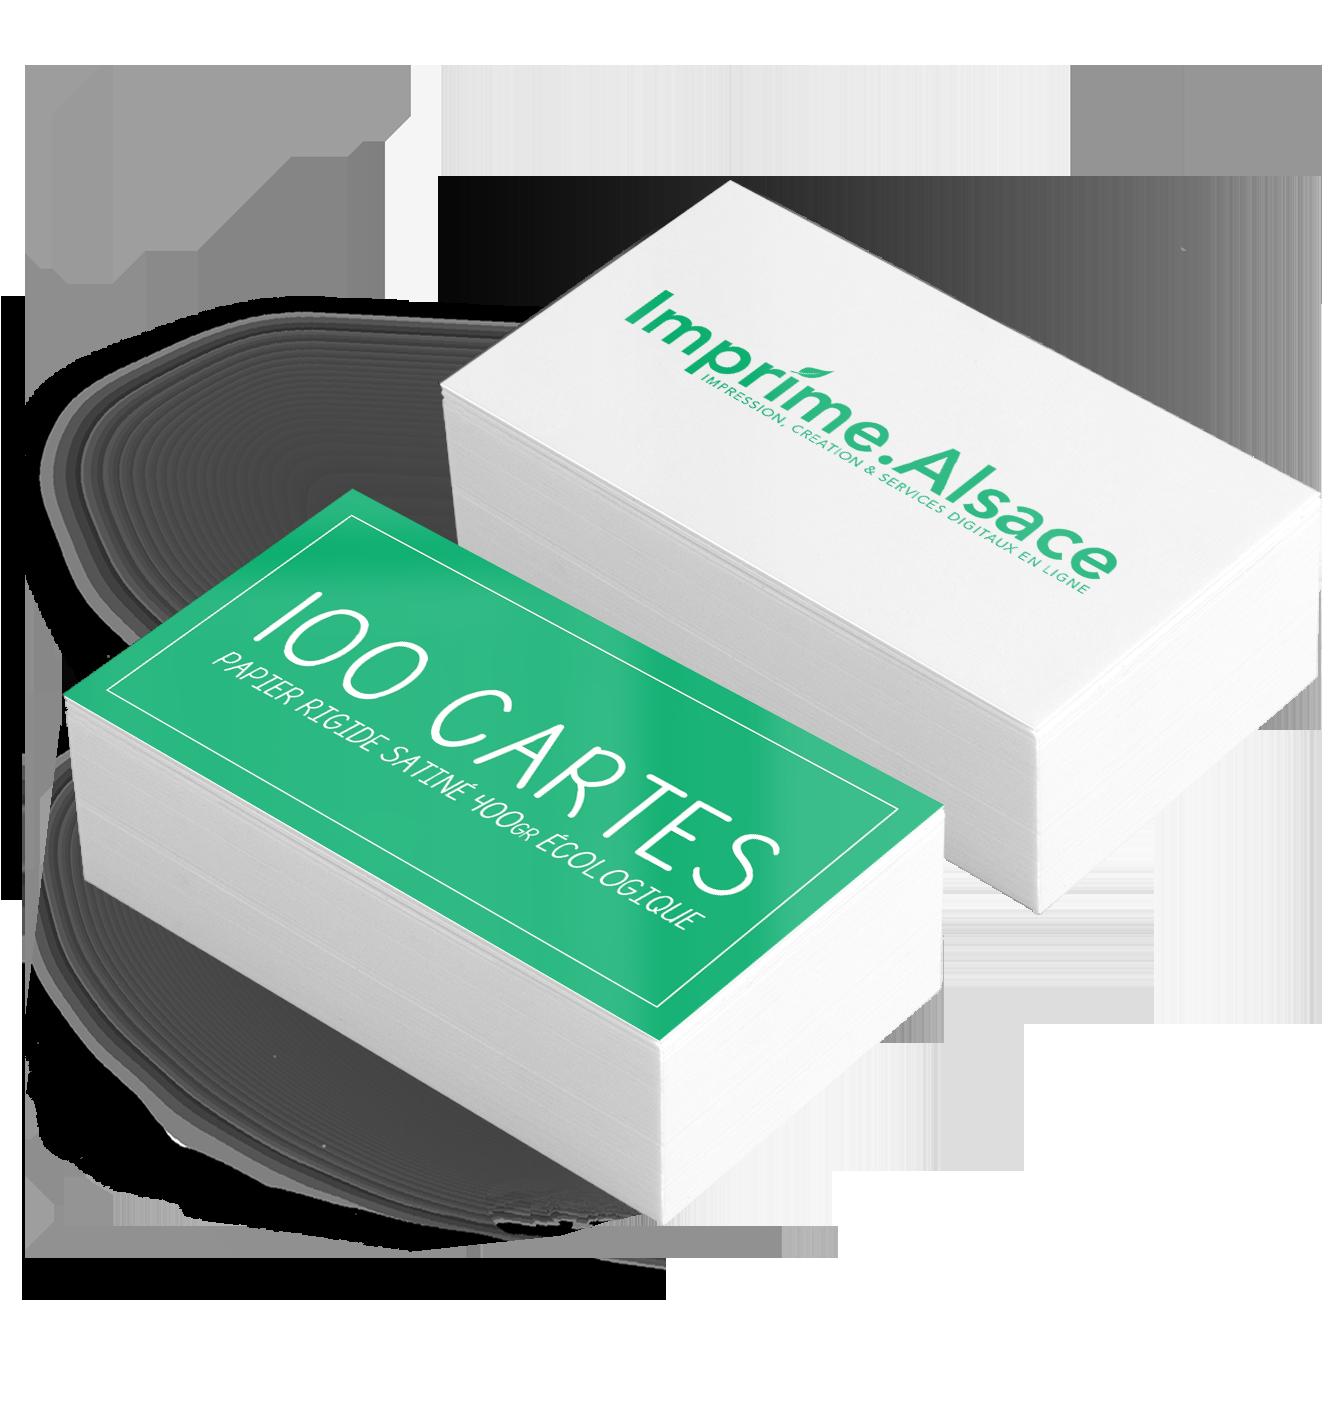 cartes écologiques gratuites imprimé en france 400 g